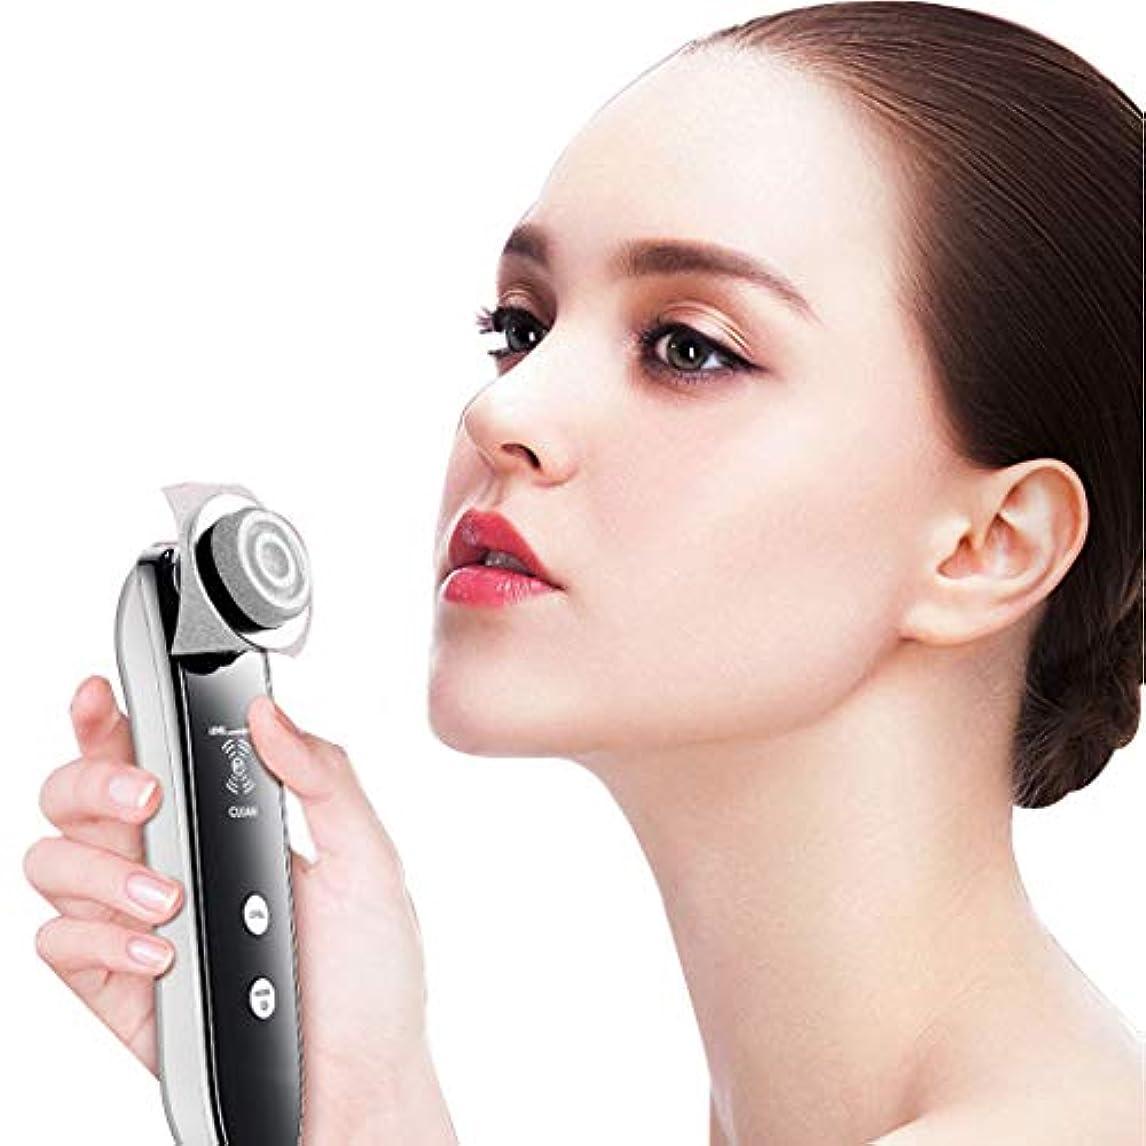 蒸気かるリベラルRF の無線周波数の美の器械 5 1 の多機能の顔のマッサージ器、皮の気遣うことのための美装置、穏やかな剥離および気孔の収縮のための機械